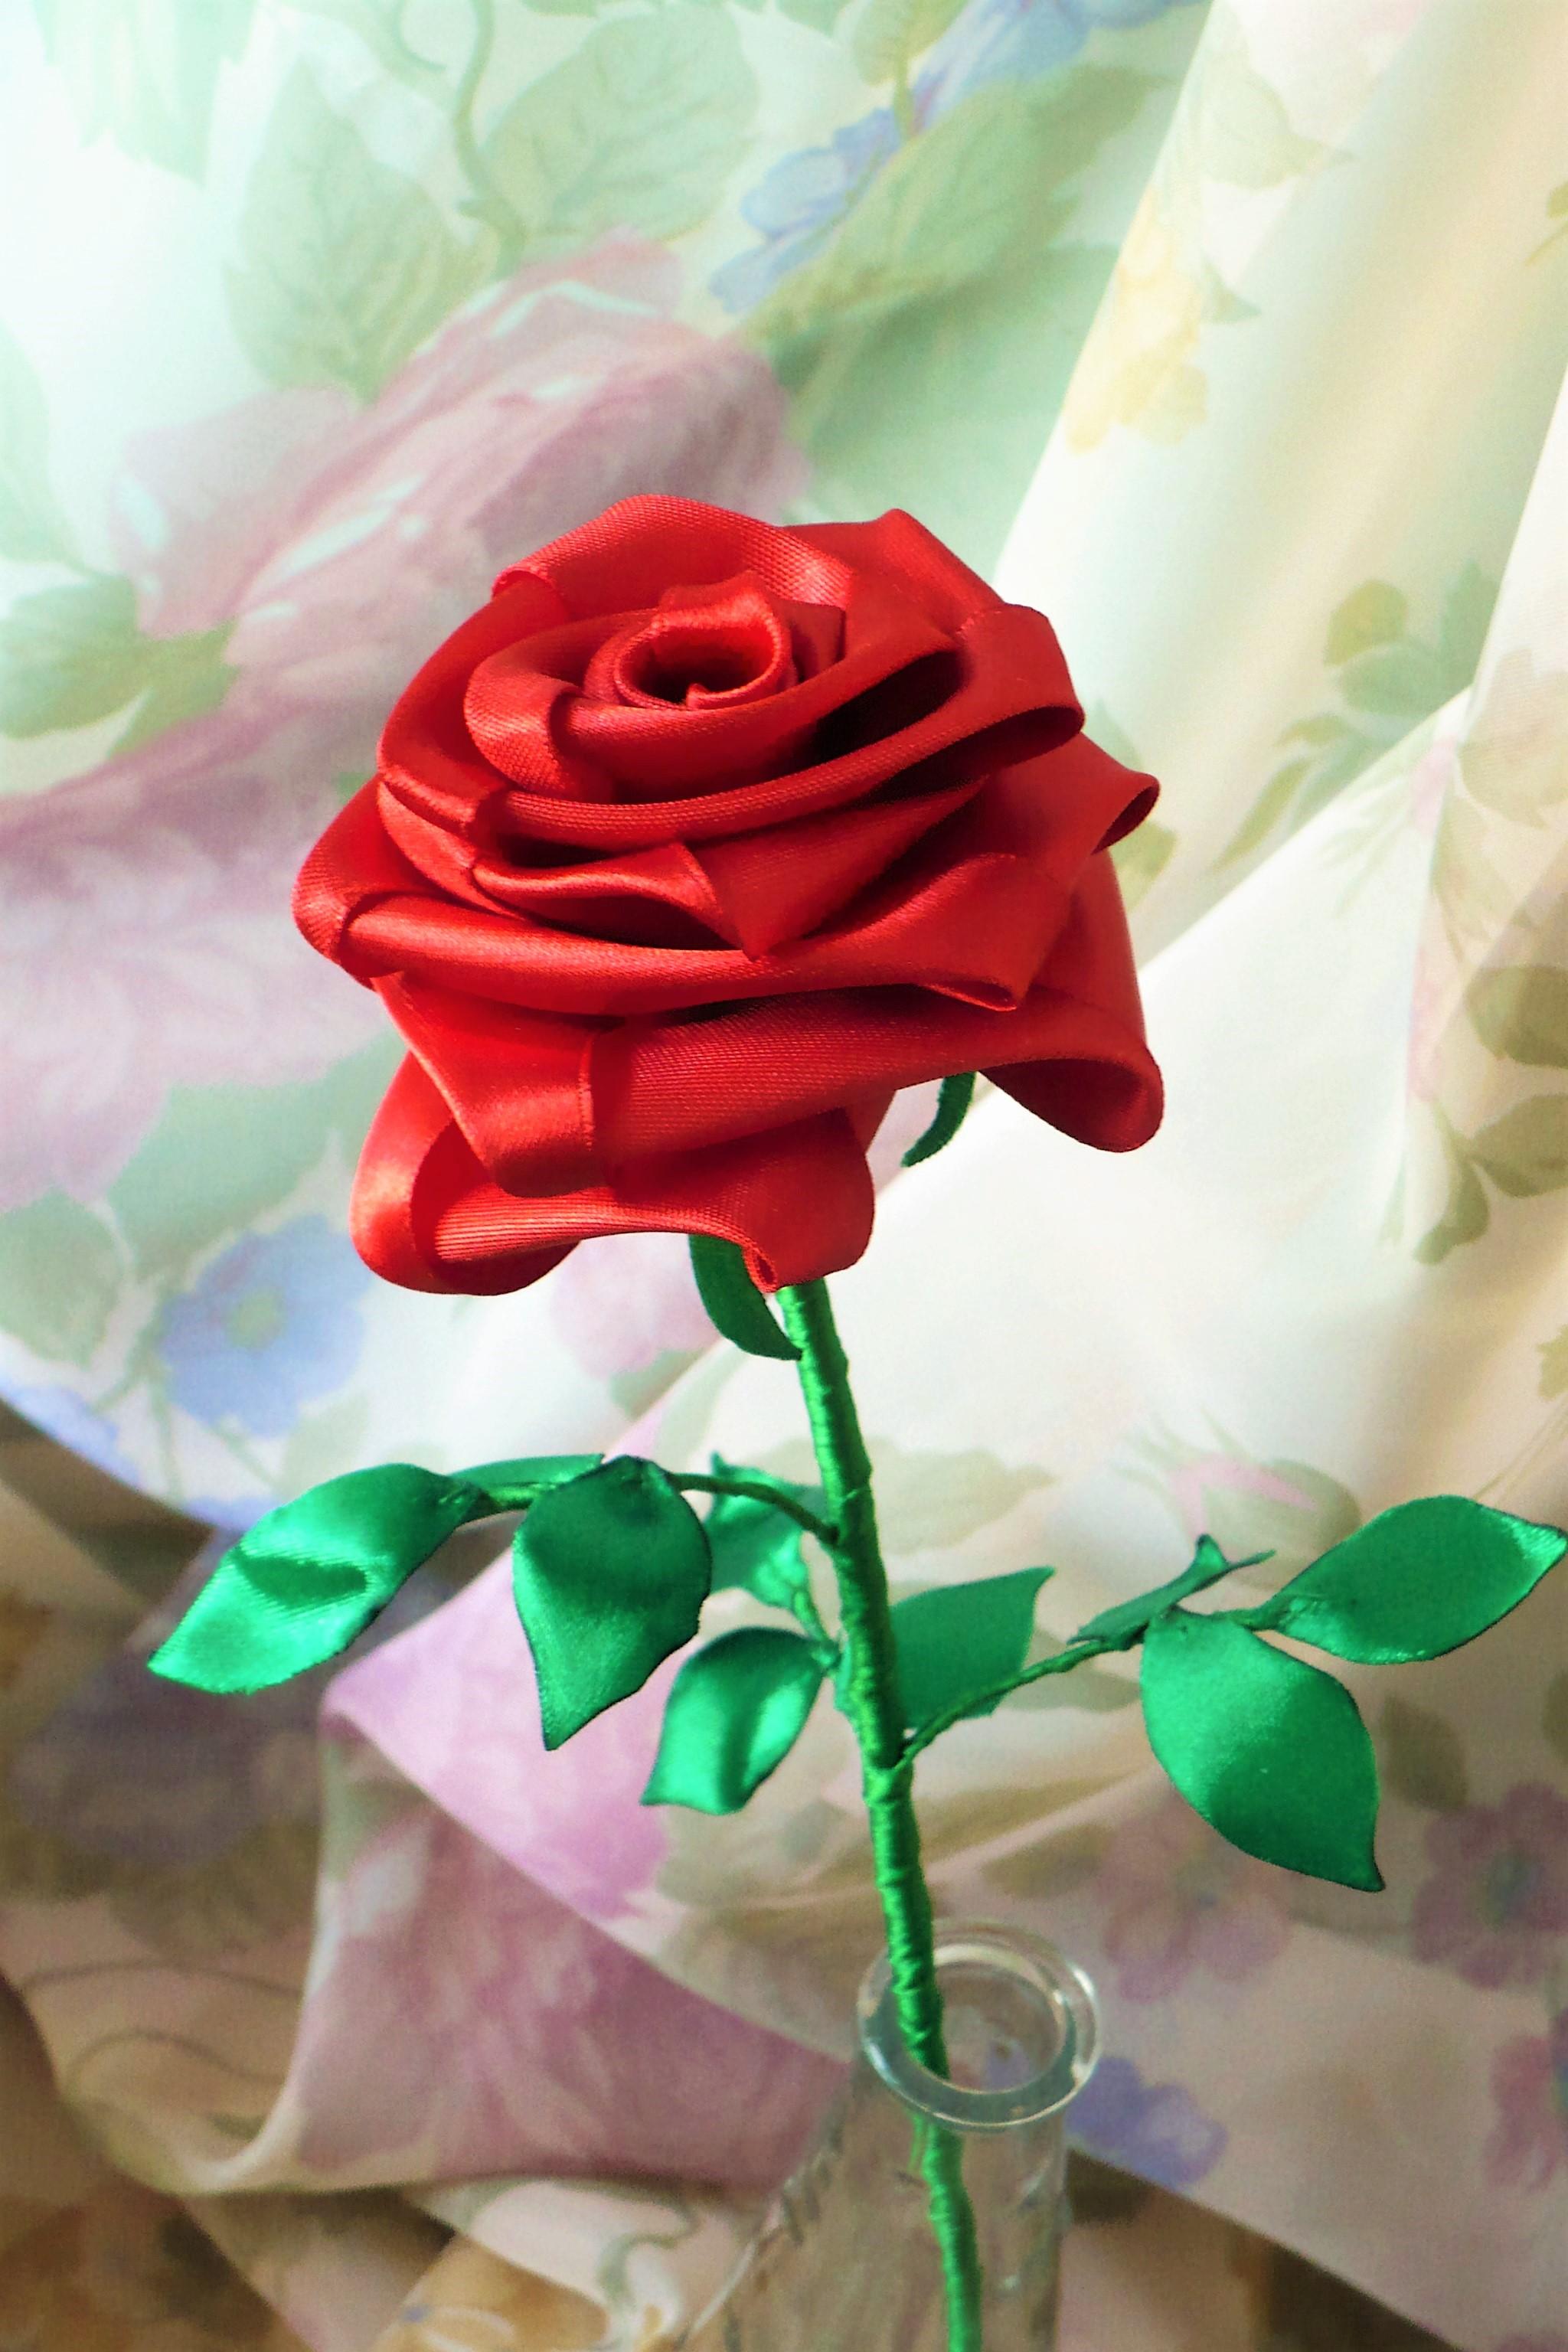 Rosa Vermelha Com Talo Rosas De Cetim No Elo7 Lajja Decor 5c09b3